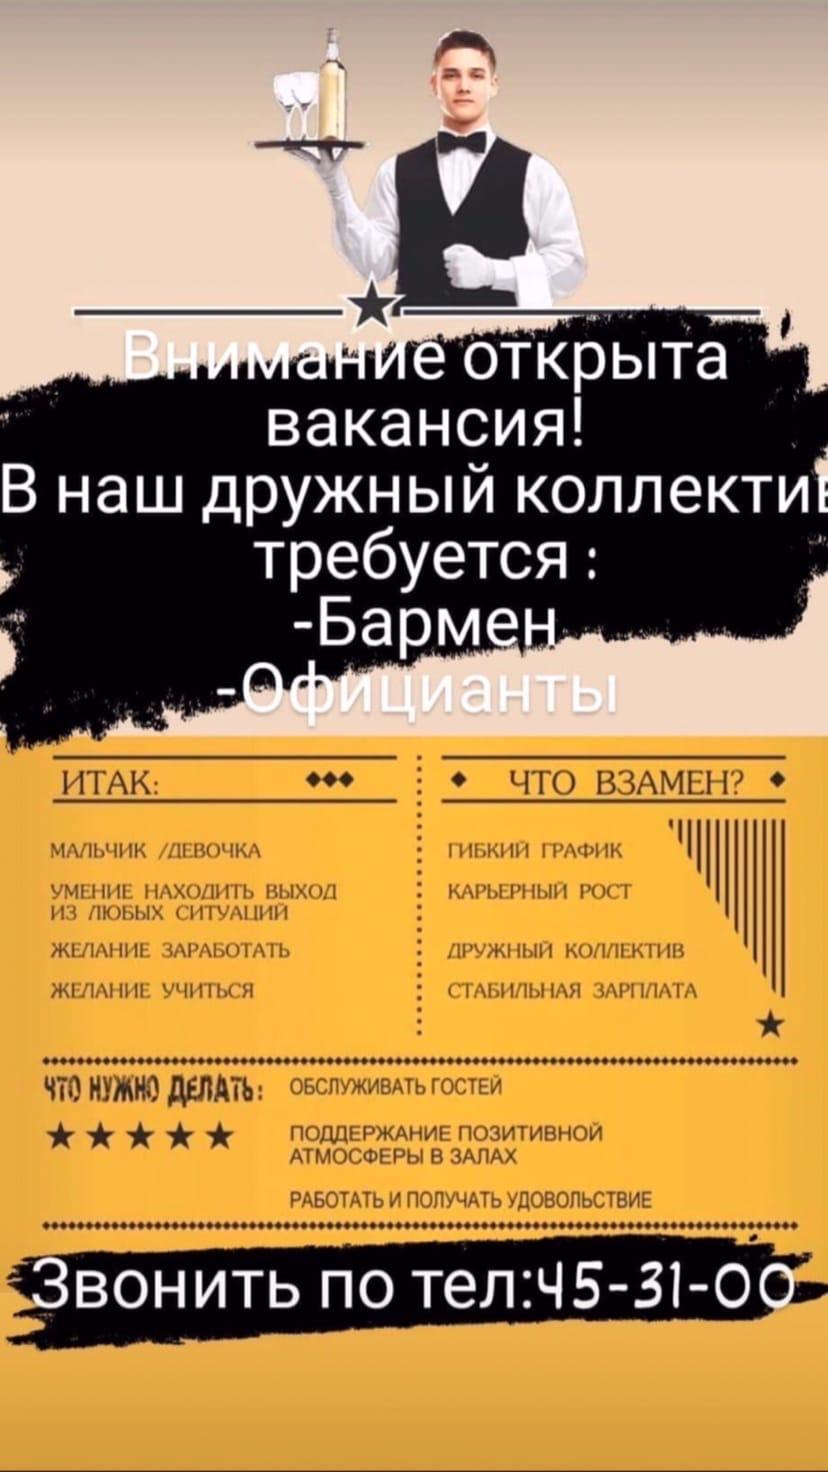 Кафе «Меделан» - Вконтакте